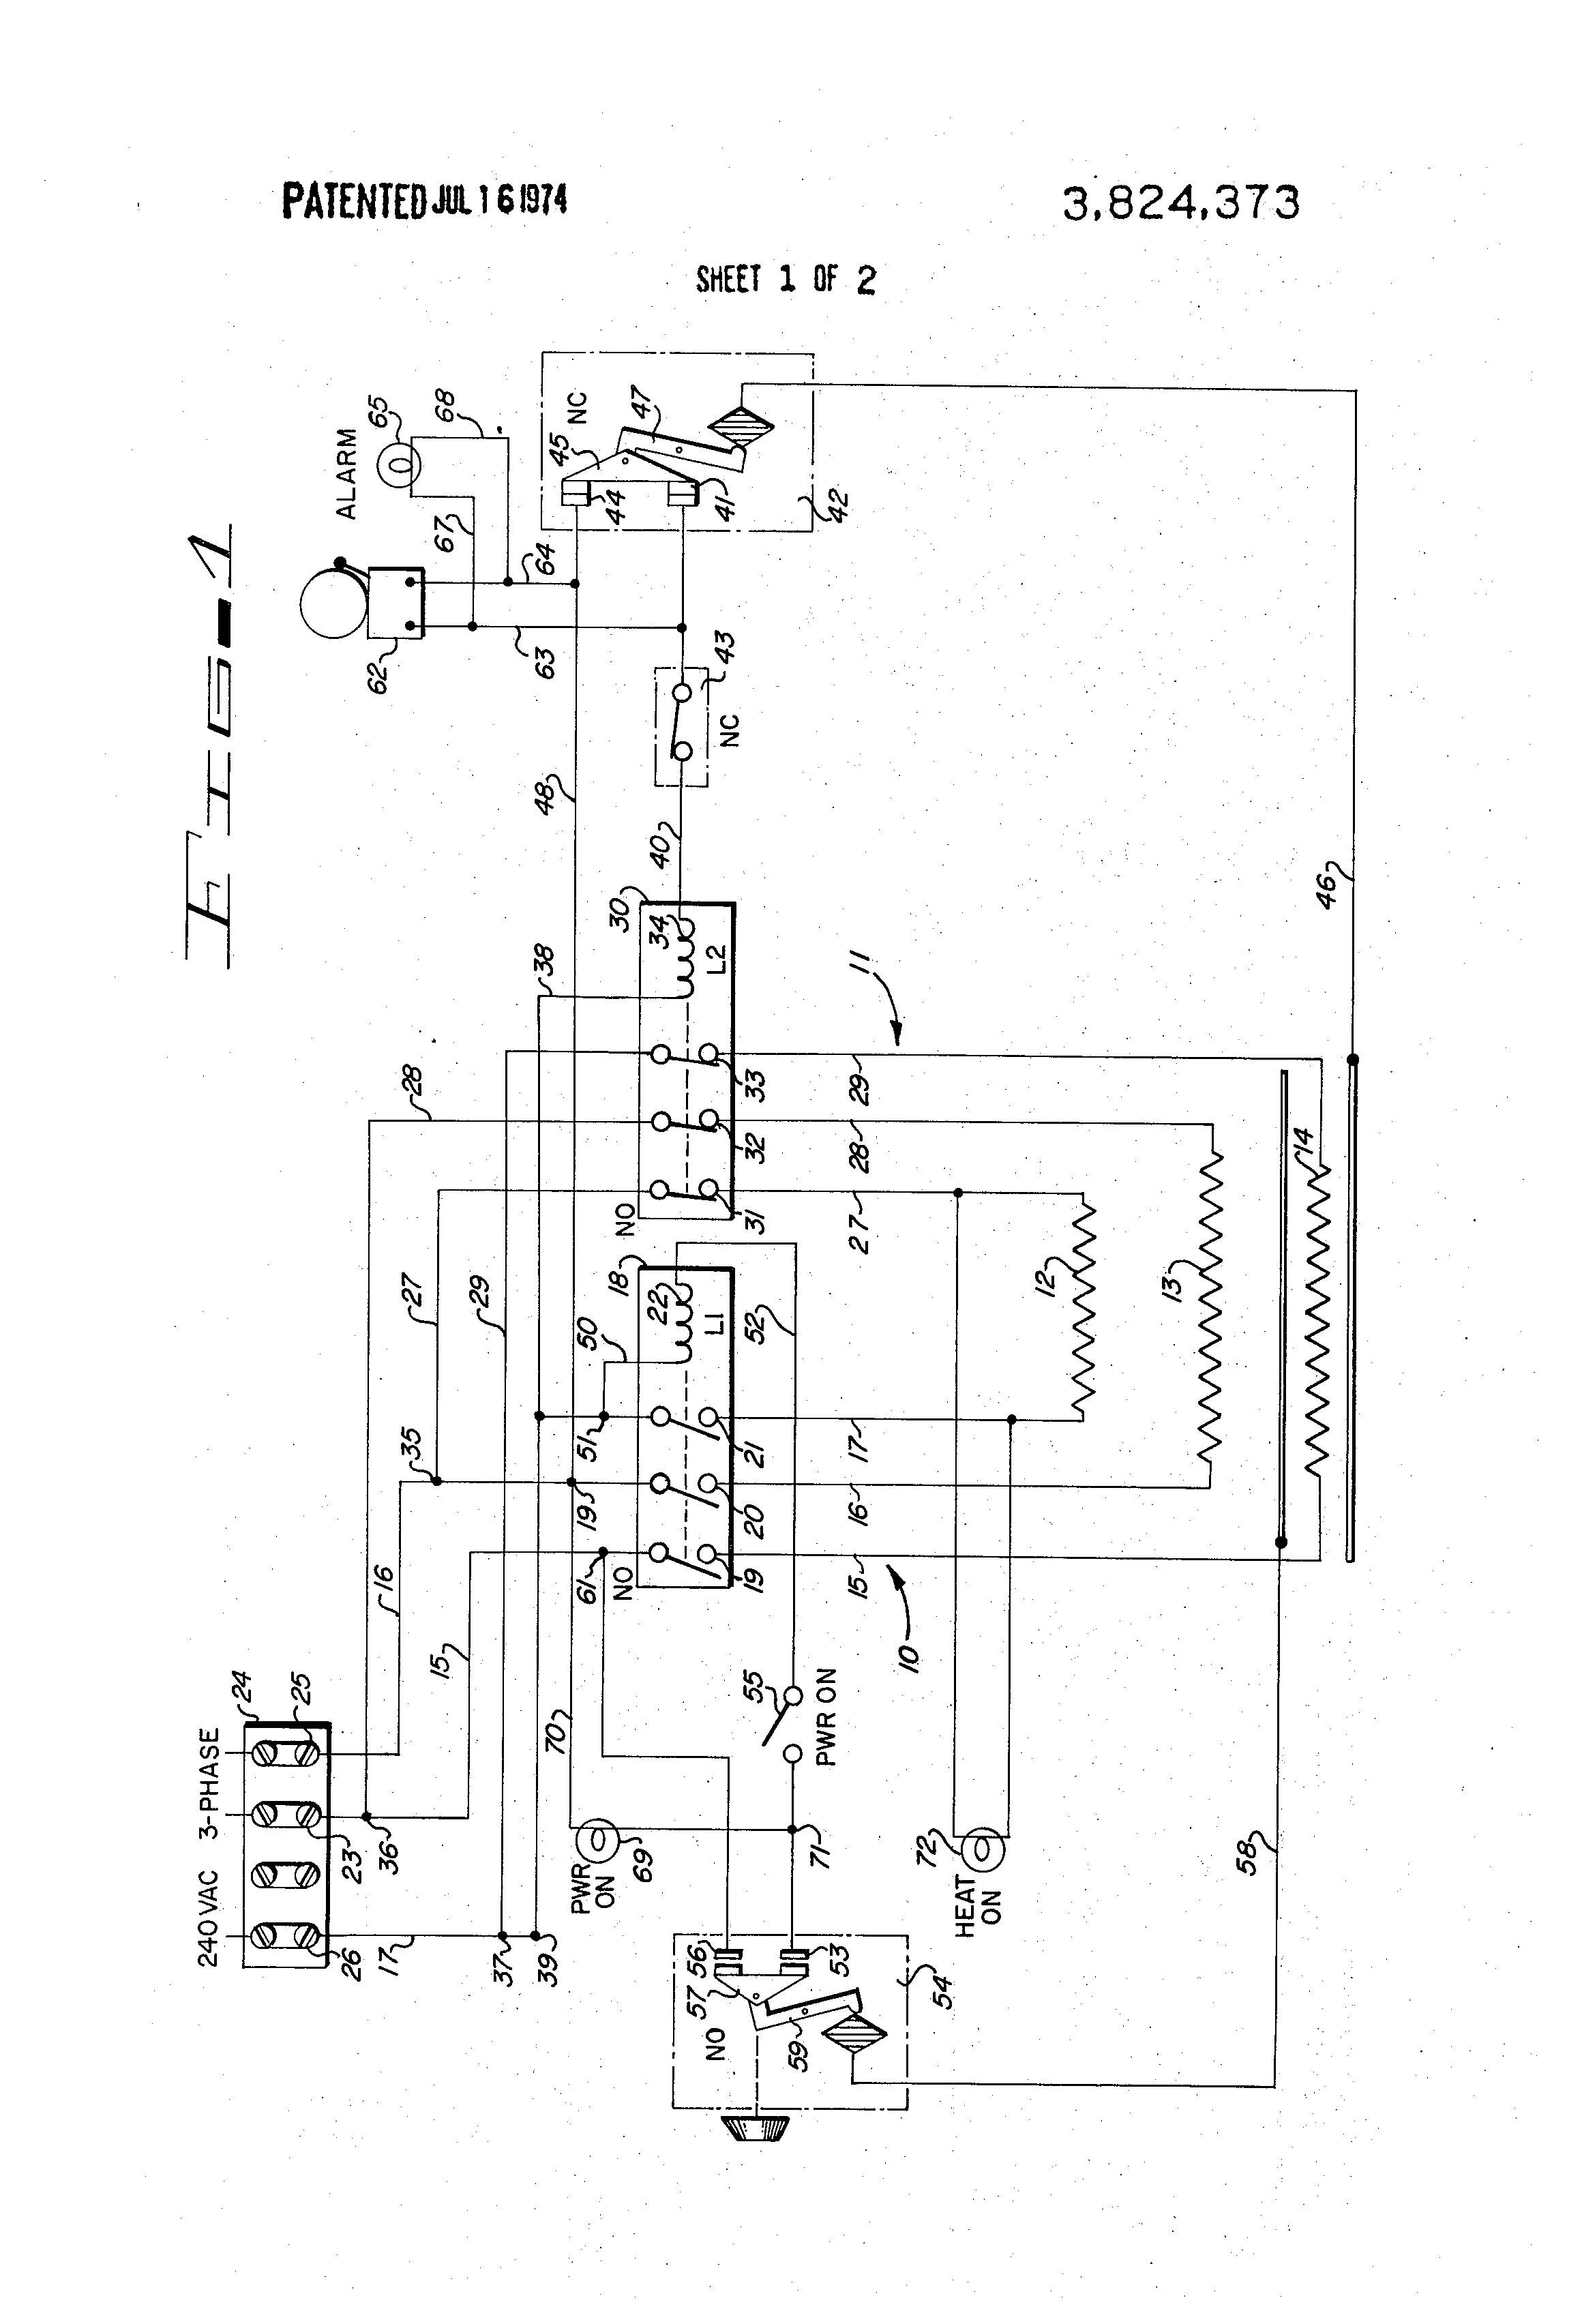 imperial deep fryer wiring diagram imperial fryer Heater Wiring Diagram Acme Transformer Wiring Diagrams